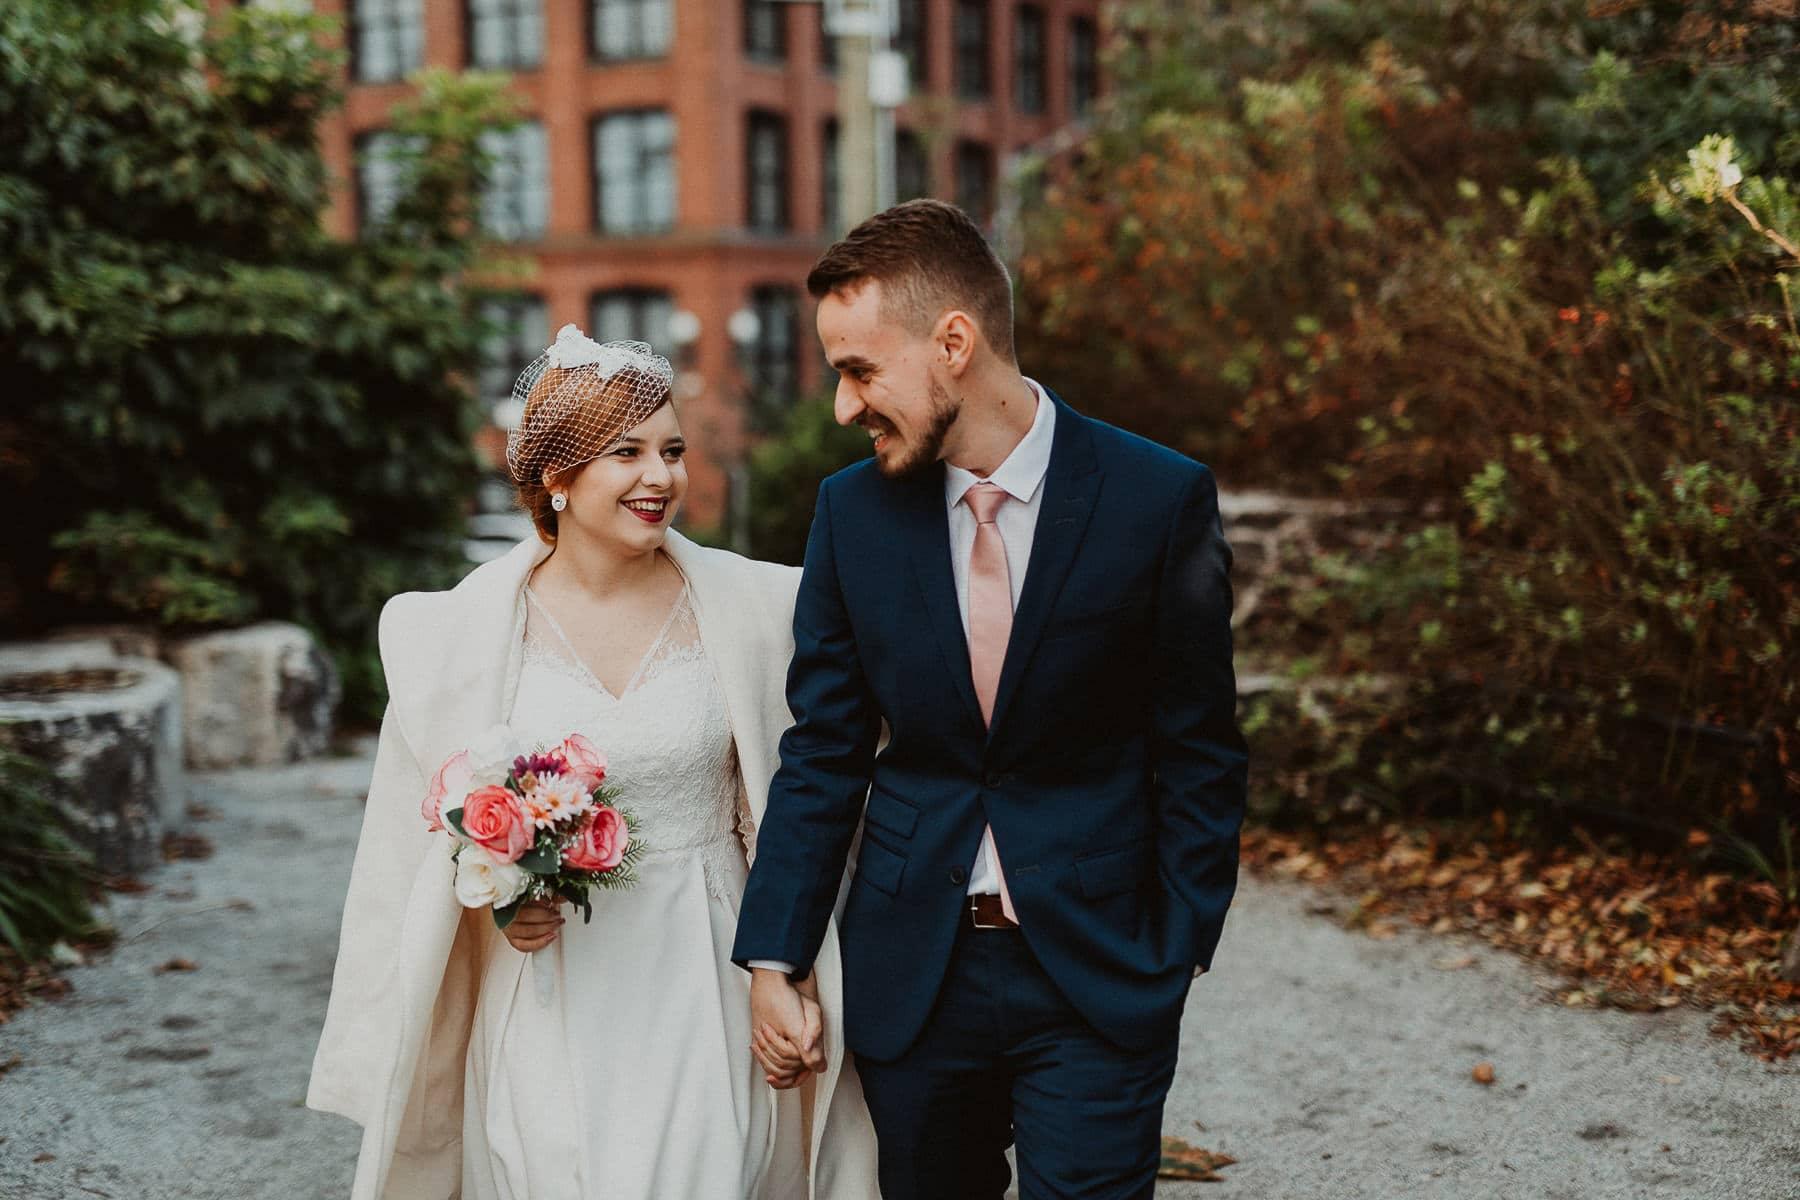 fotografo de casamento em nova york